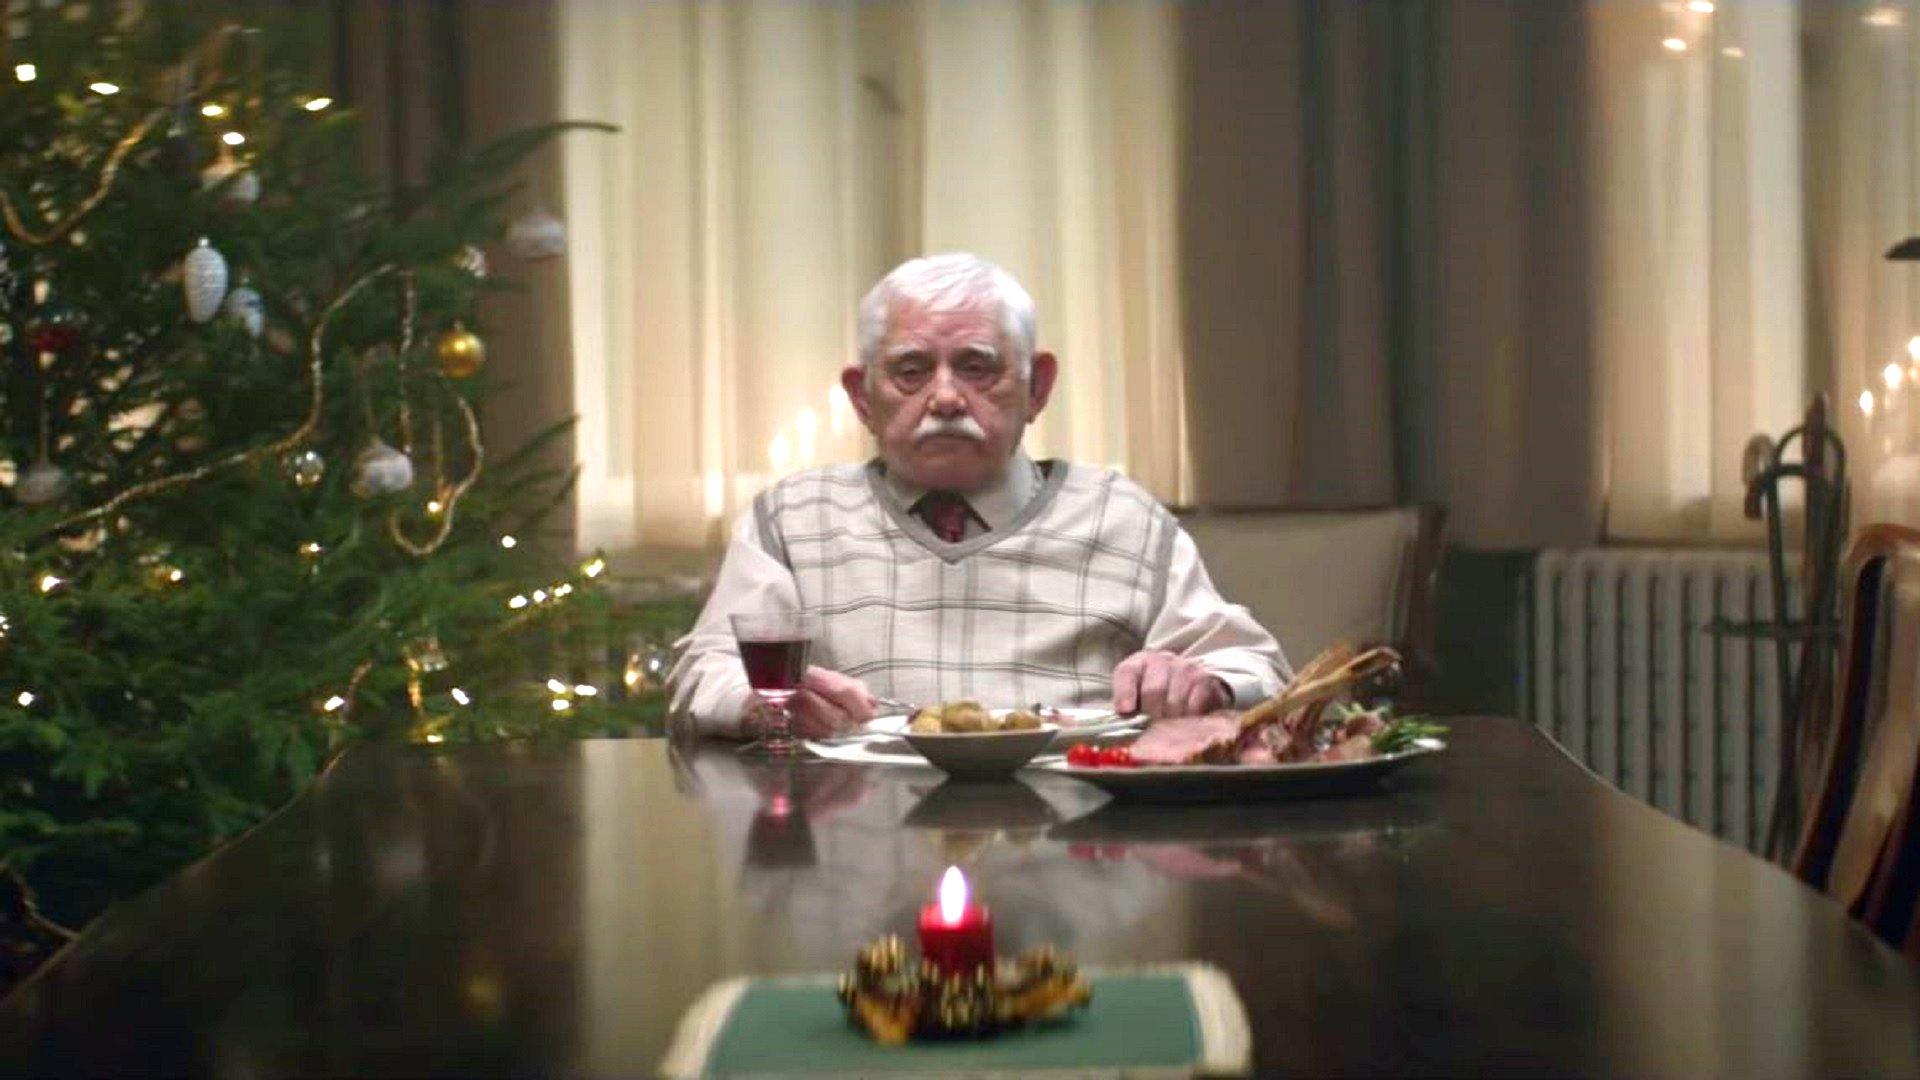 EDEKA-Werbung #heimkommen (Video) wird viel diskutiert, 2015.